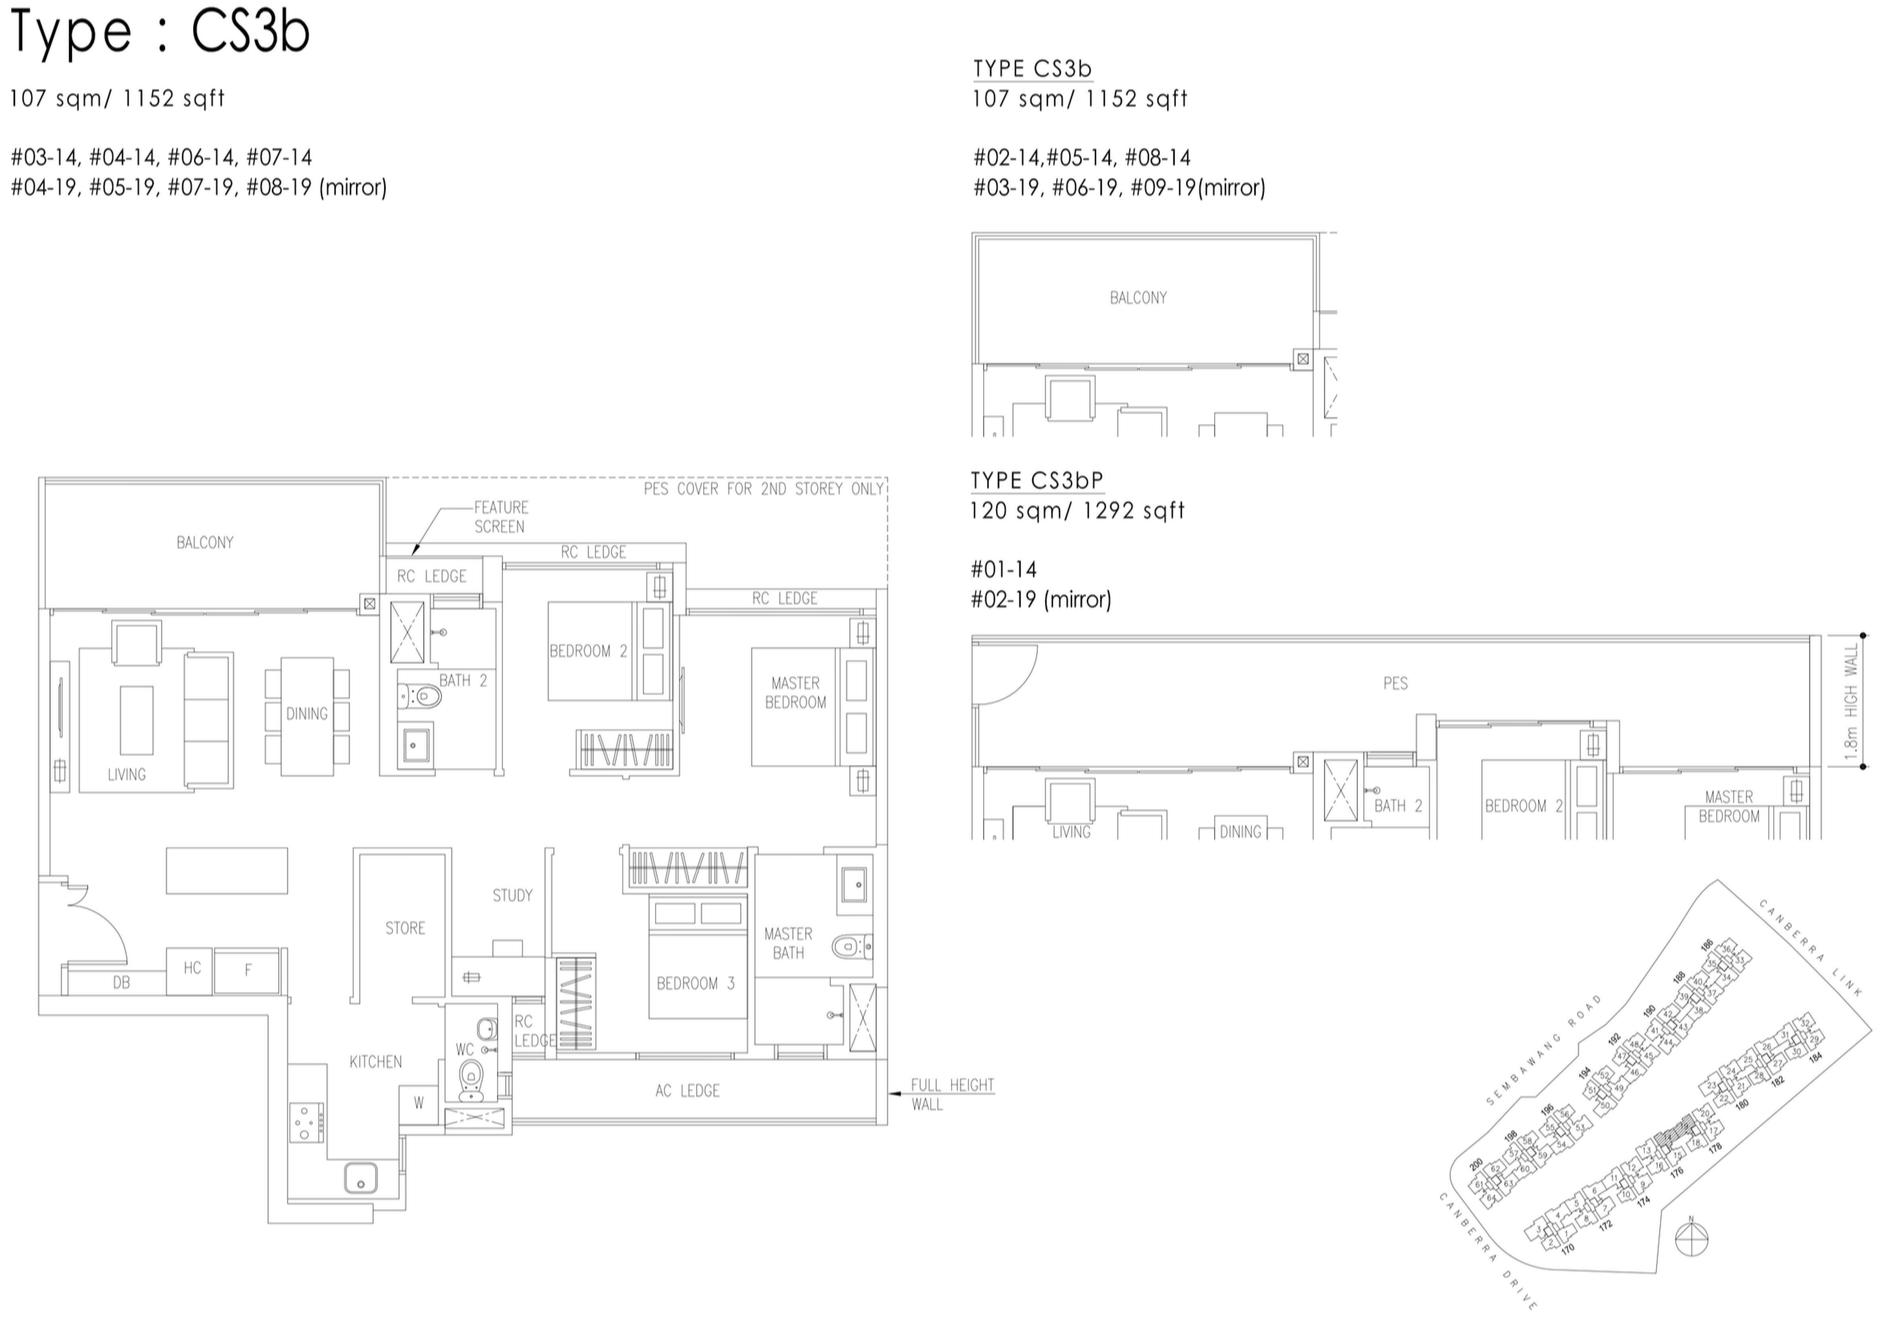 The Visionaire EC Floor Plan - 3 Bedroom Cospace CS3b CS3bP 107 sqm 1152 sqft